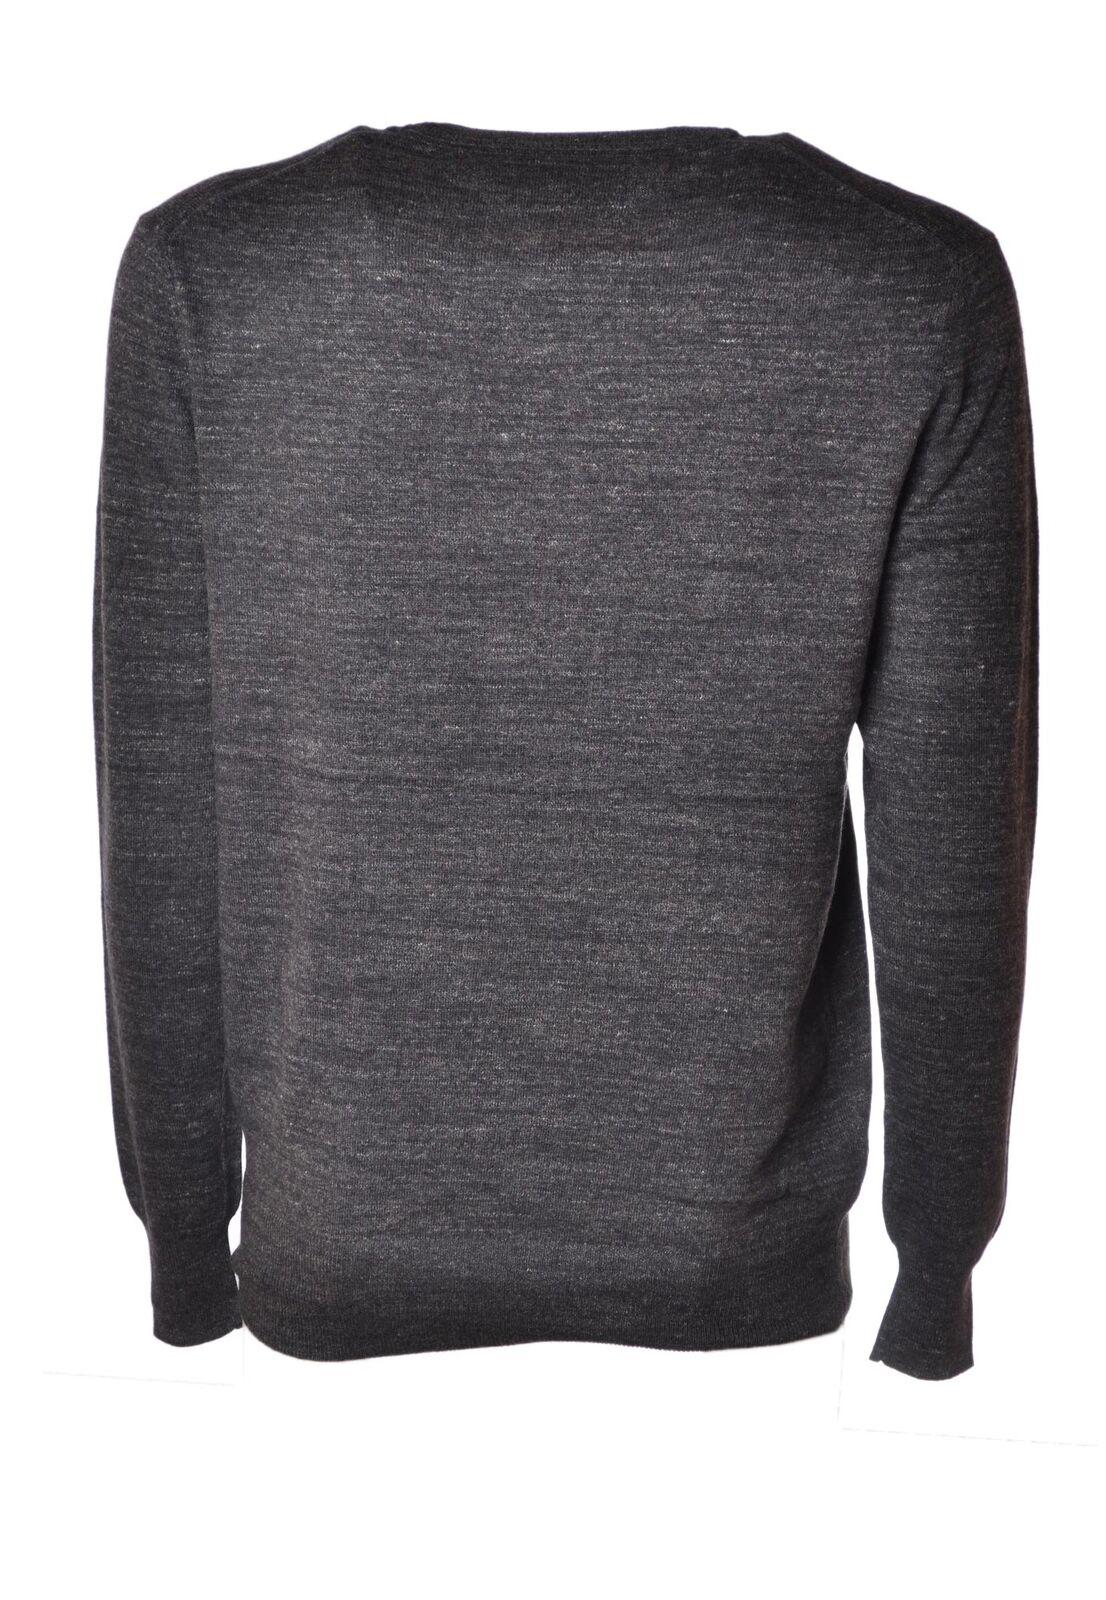 Superdry  -  Pullover Pullover Pullover - Uomo - Grigio - 4277126A183838 796e75